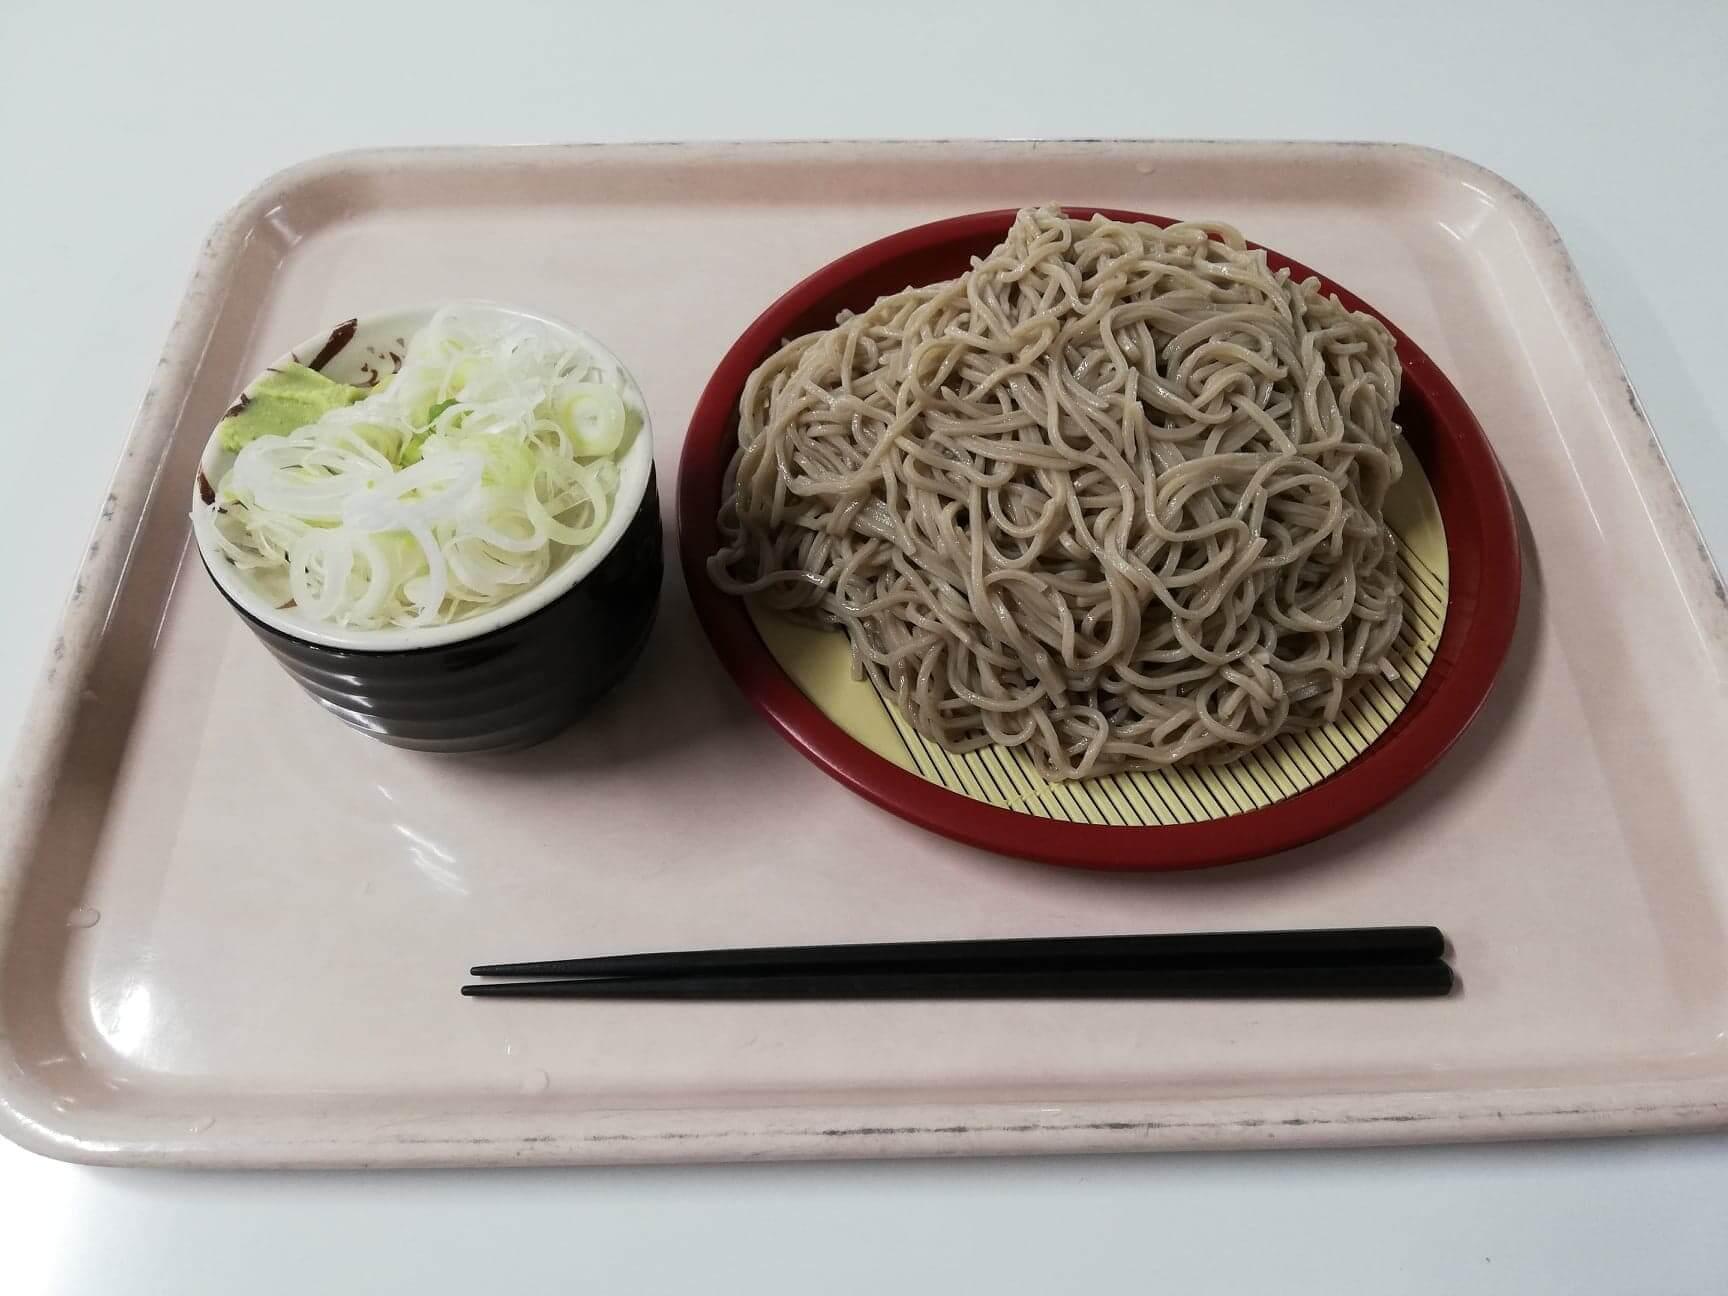 練馬区役所の職員レストランの『富士山もりそば』の写真